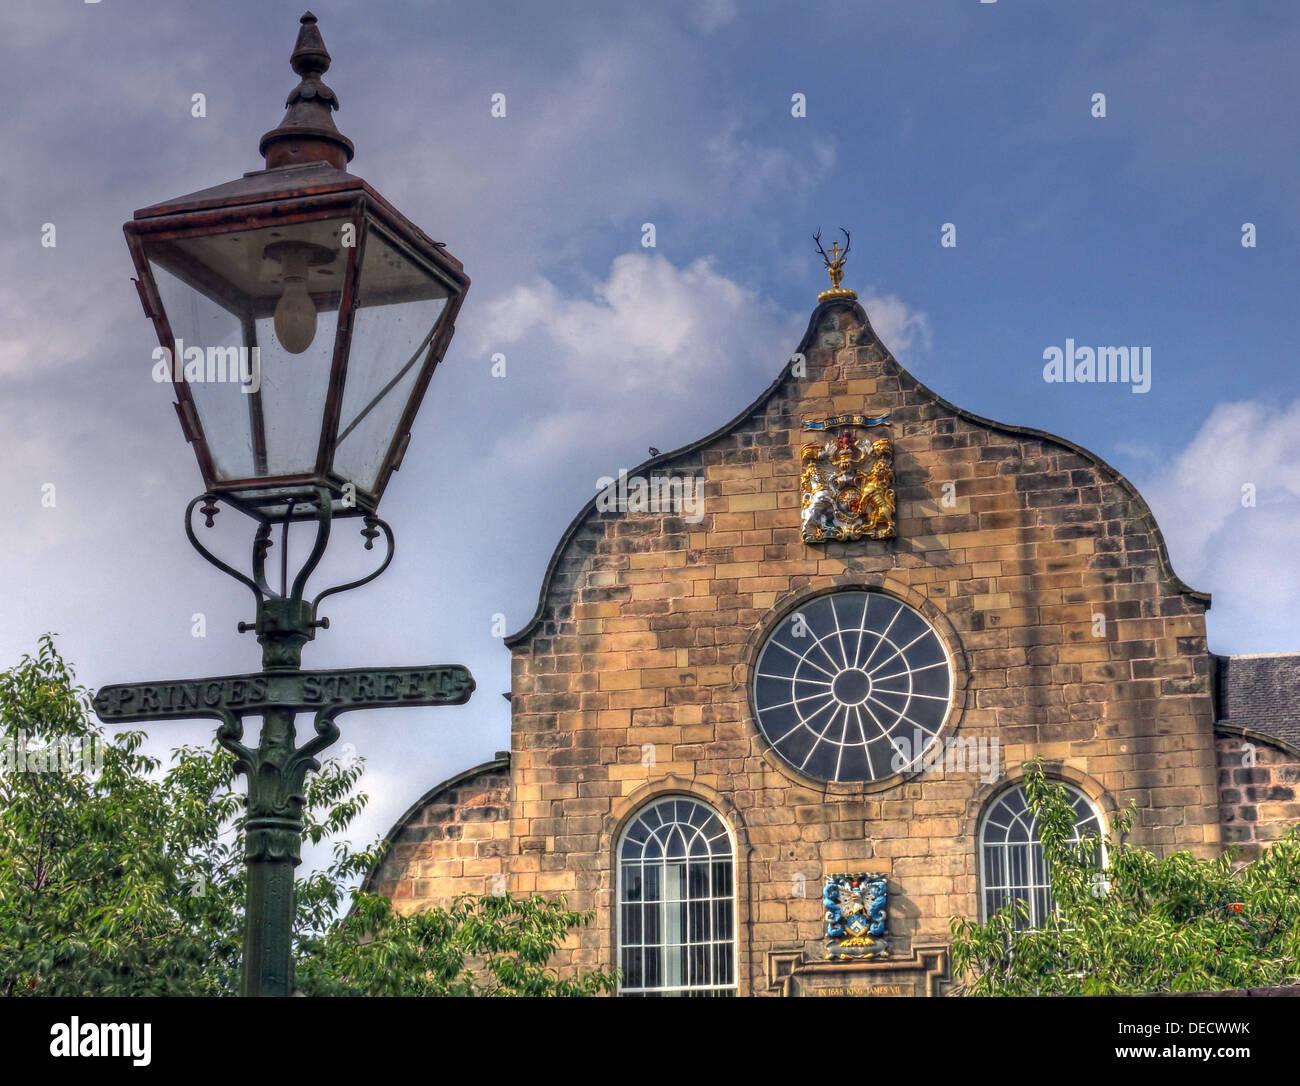 Laden Sie dieses Alamy Stockfoto Canongate Kirk Kirche Edinburgh Royal Mile, Schottland, UK außen & alten Princes Street Gaslampe - DECWWK